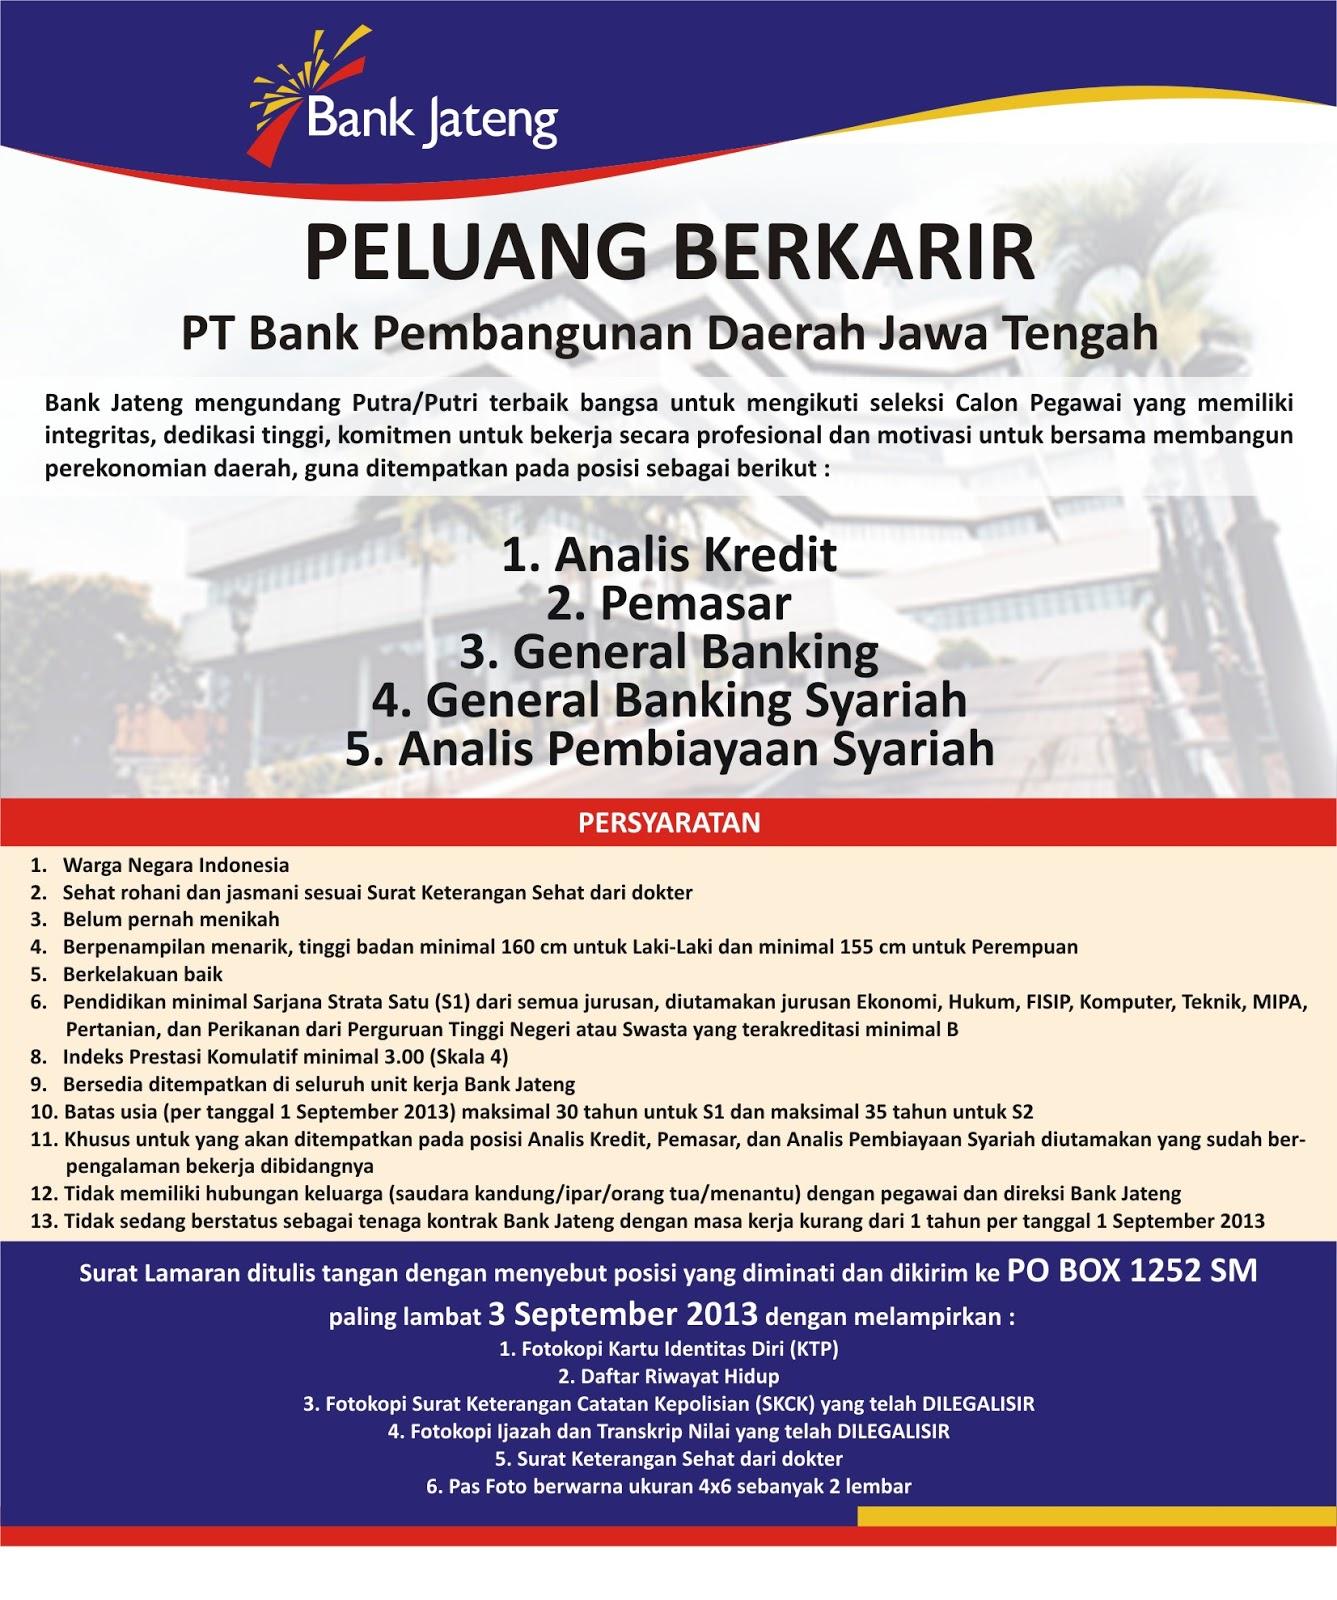 Loker Soloraya 2013 Horse Feathers Official Website Lowongan Kerja Terbaru Bank Bumn Pns Soloraya Ect Lowongan